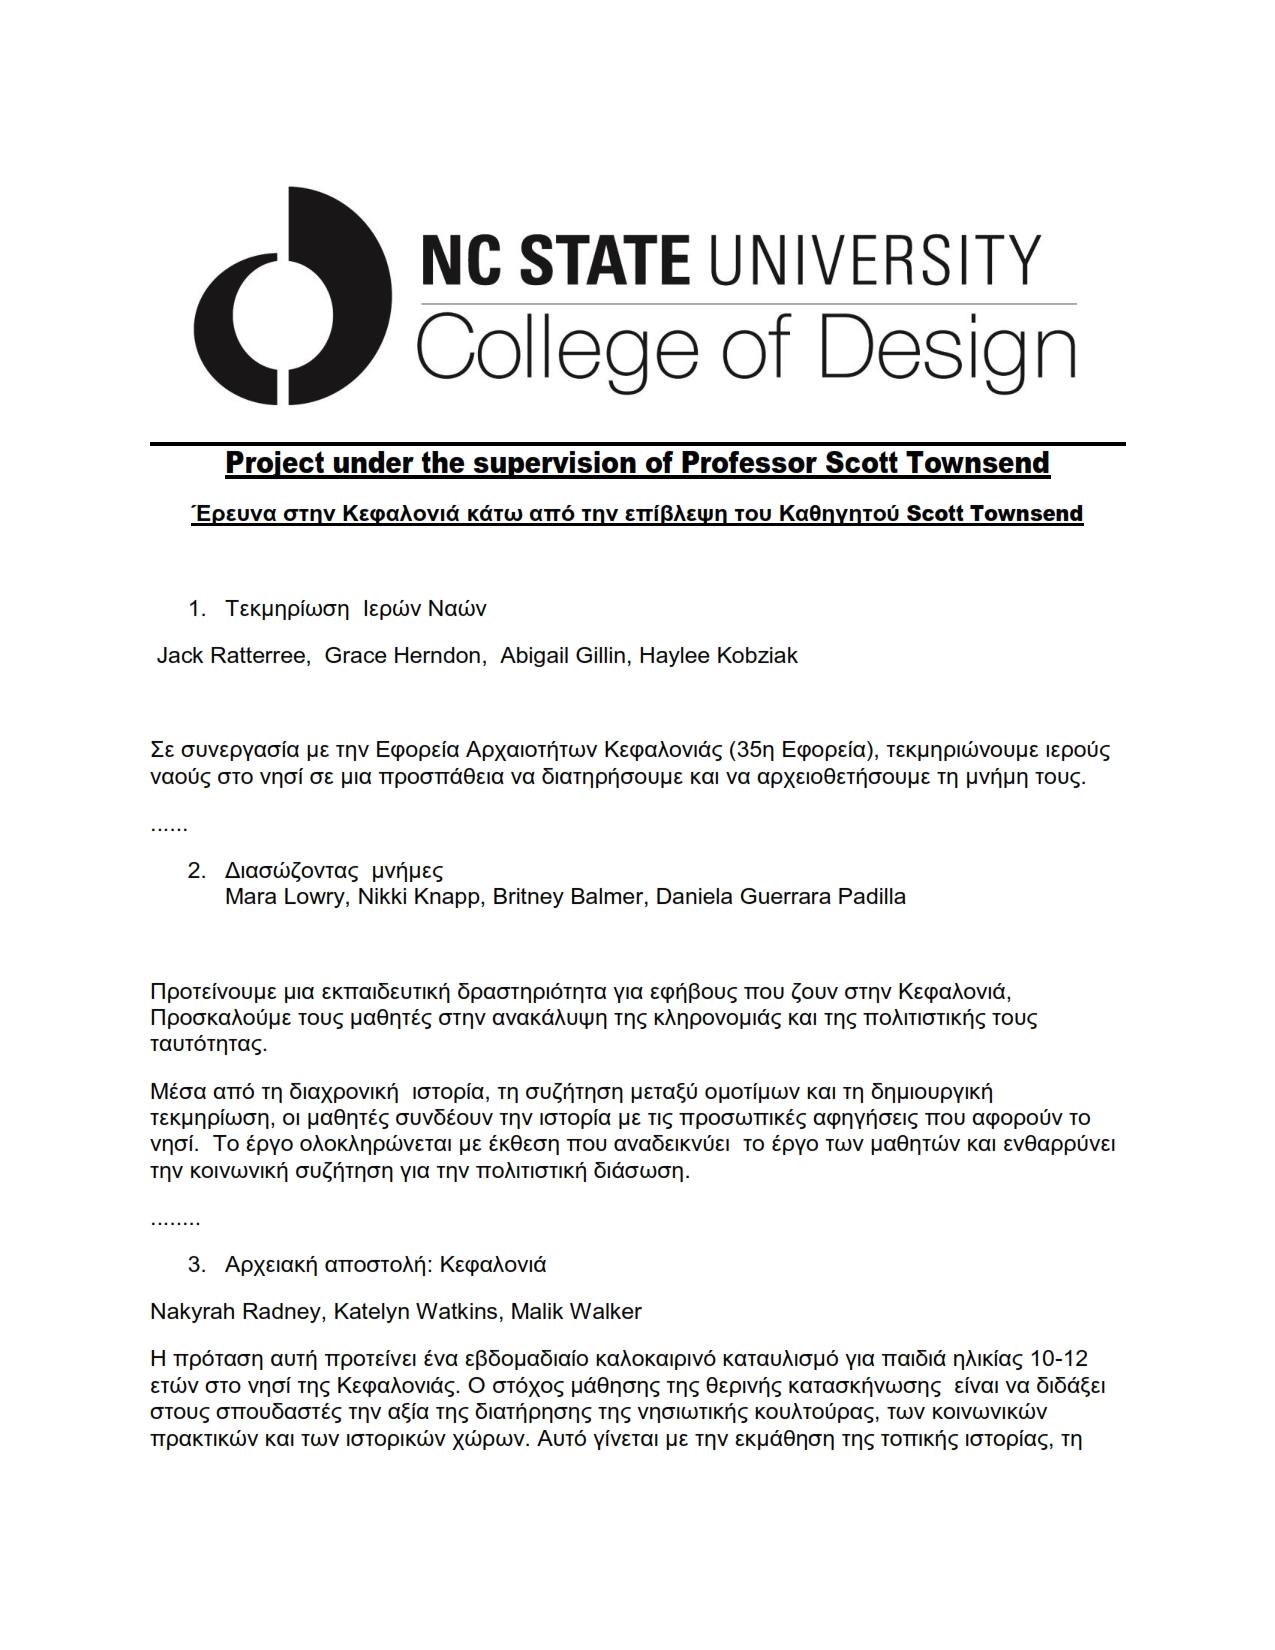 ΝCSU Descriptions 003